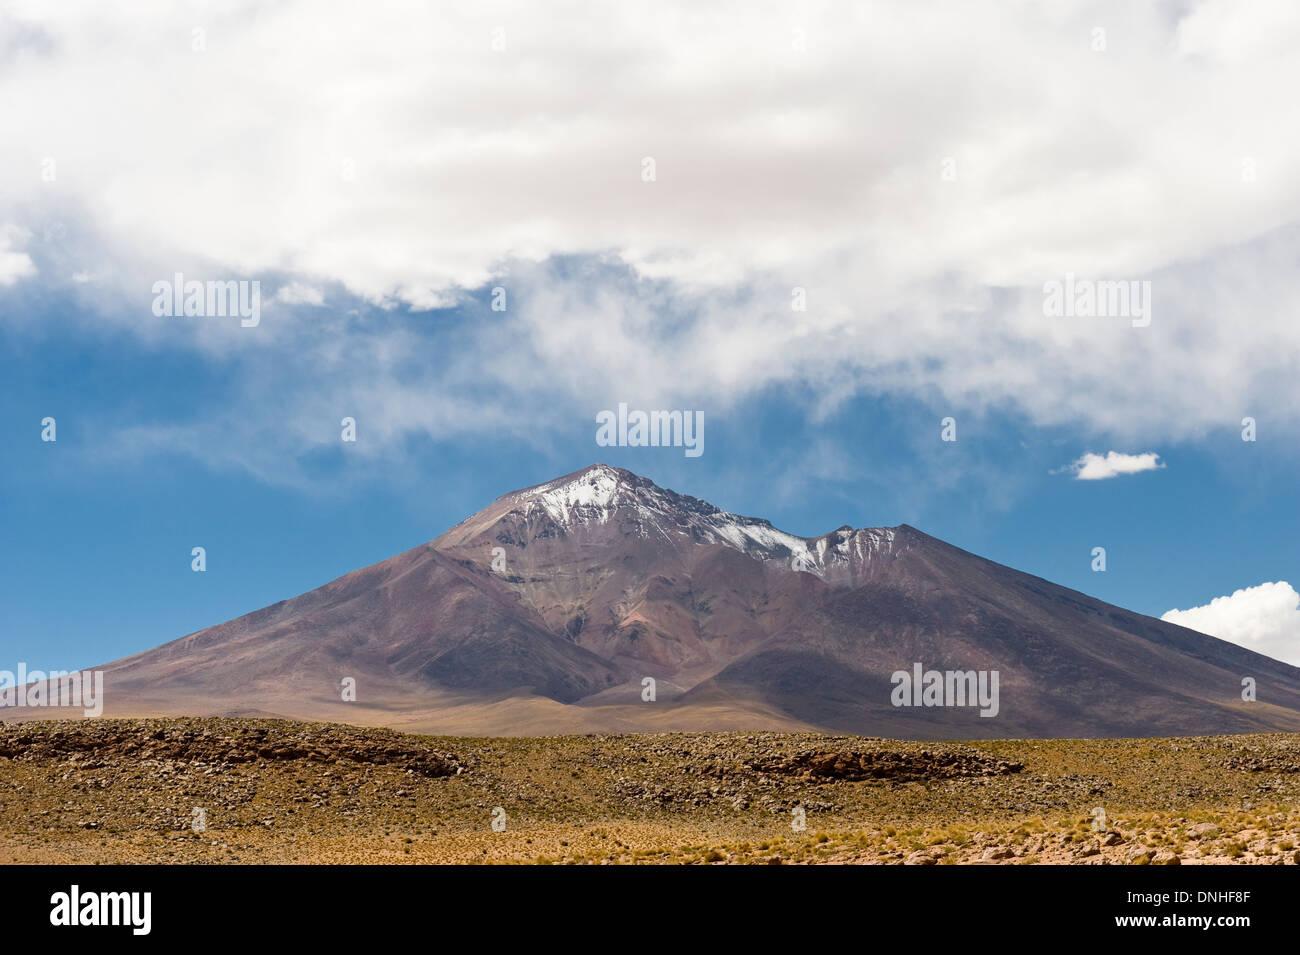 Bolivian altiplano landscape, Potosi, Bolivia - Stock Image